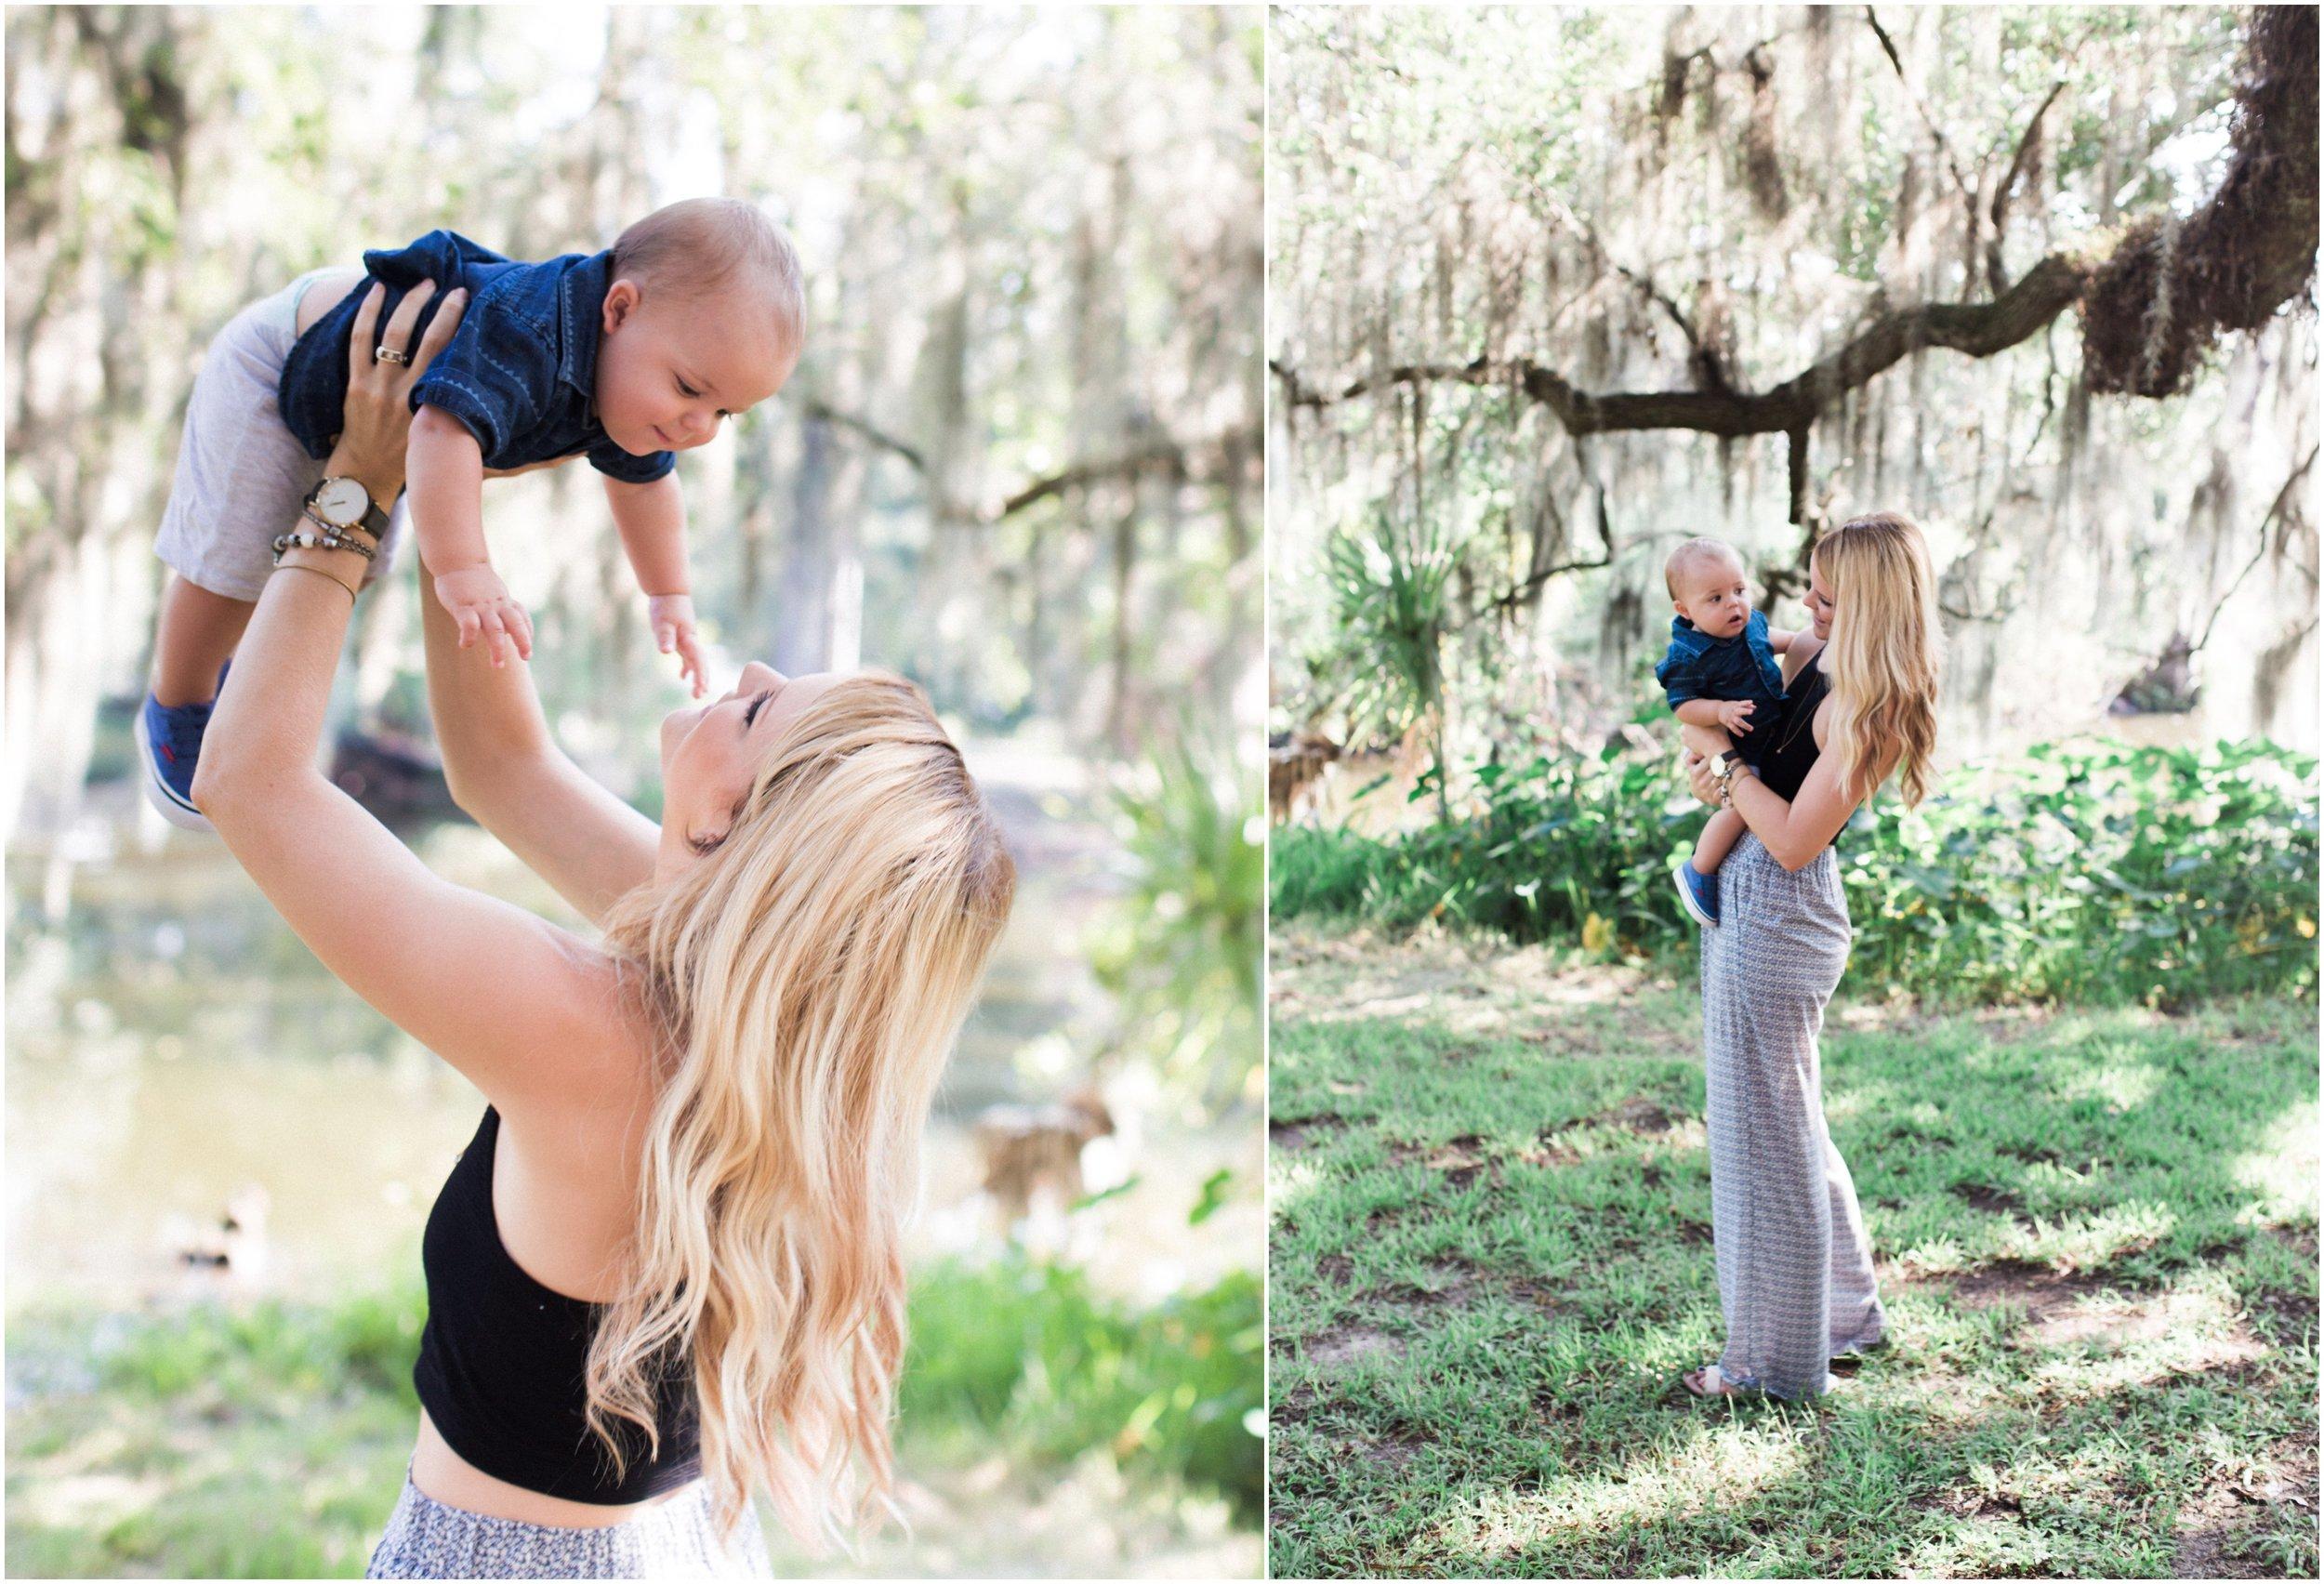 Wuellenweber-Family-Portraits-September-2016-New-Orleans-8577_watermark.jpg